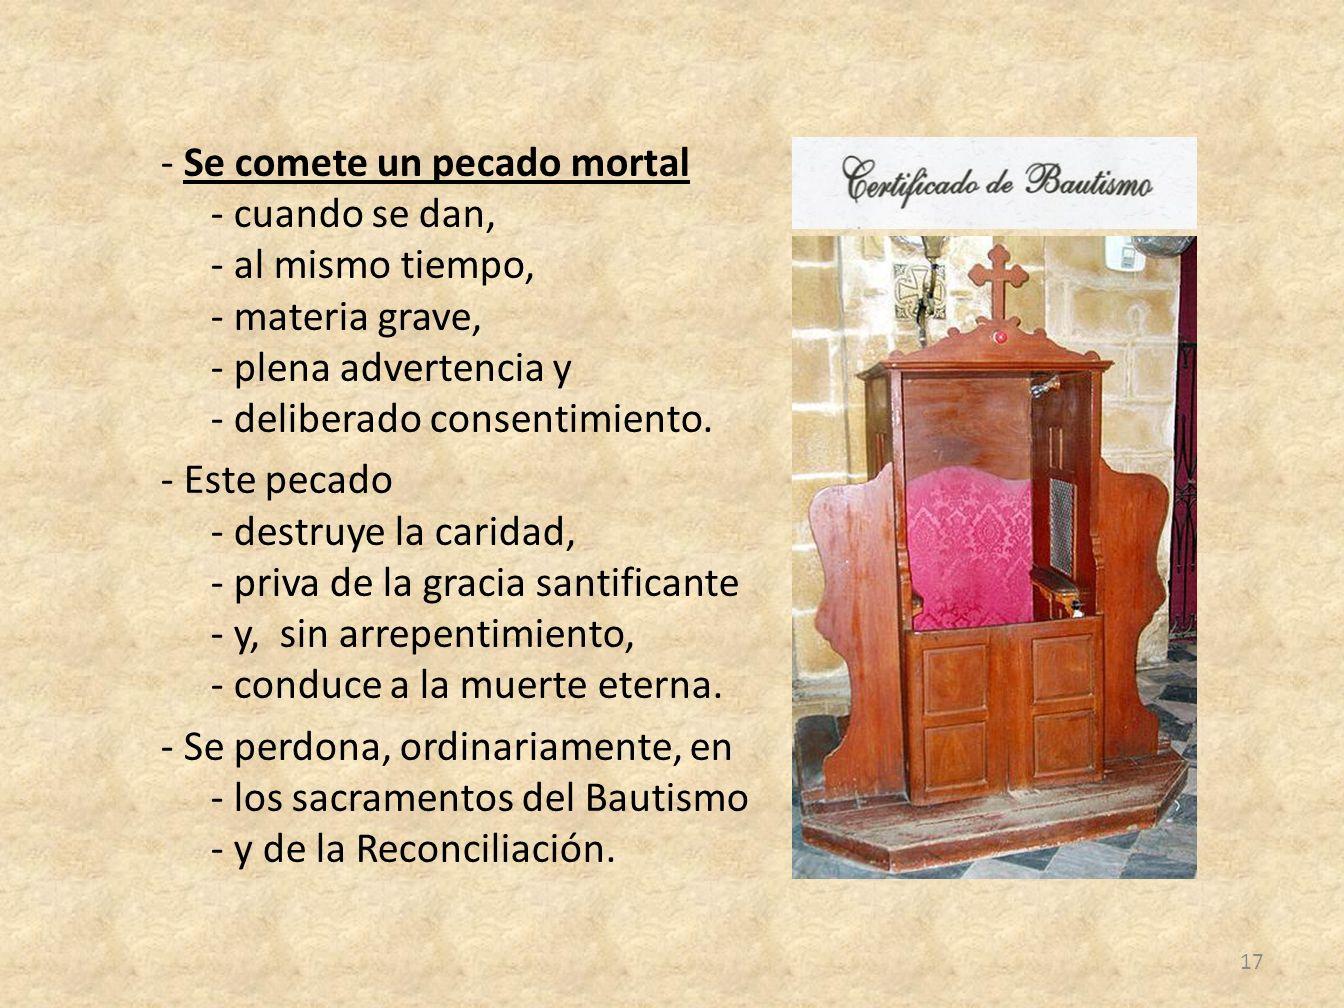 - Se comete un pecado mortal - cuando se dan, - al mismo tiempo, - materia grave, - plena advertencia y - deliberado consentimiento.